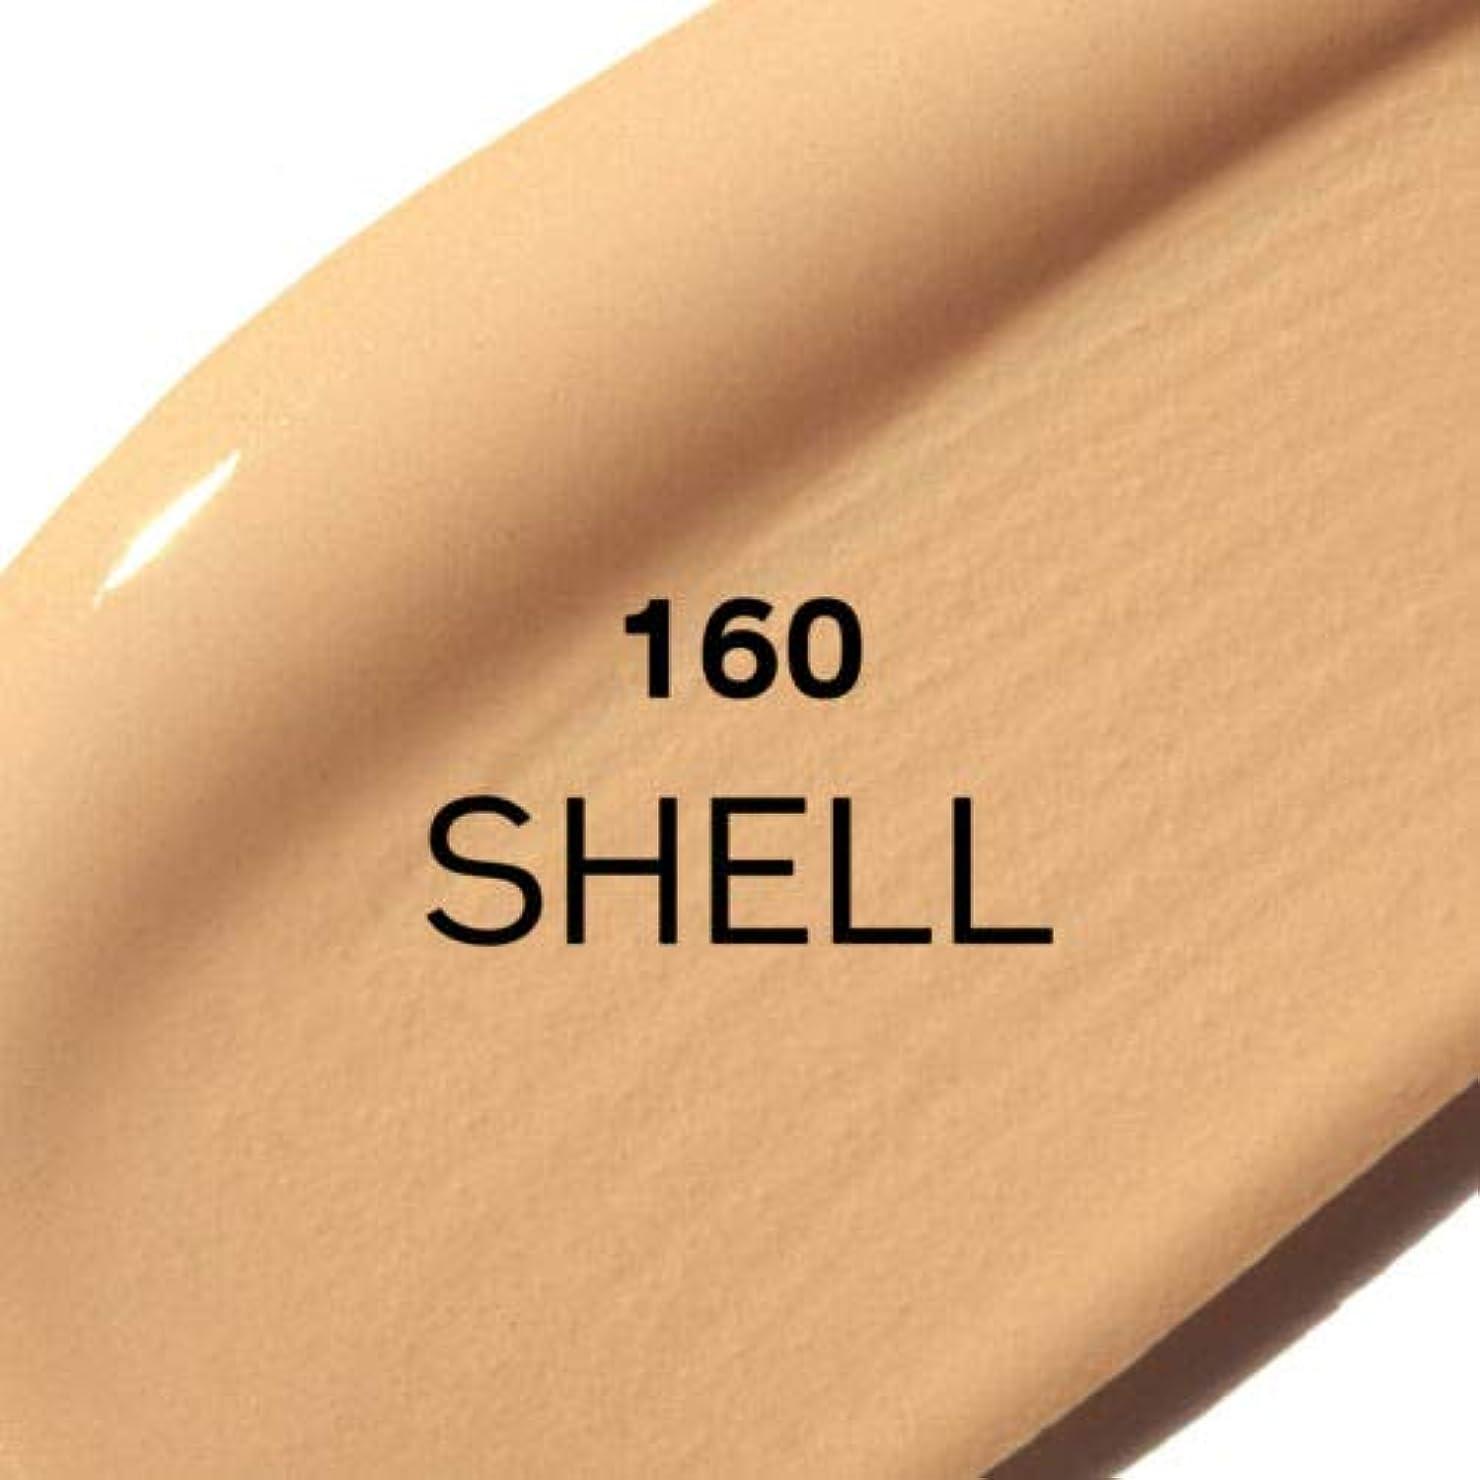 モジュール有効なクラッチSHISEIDO 資生堂 シンクロスキン セルフリフレッシング ファンデーション - 2019年新商品 (160 Shell)